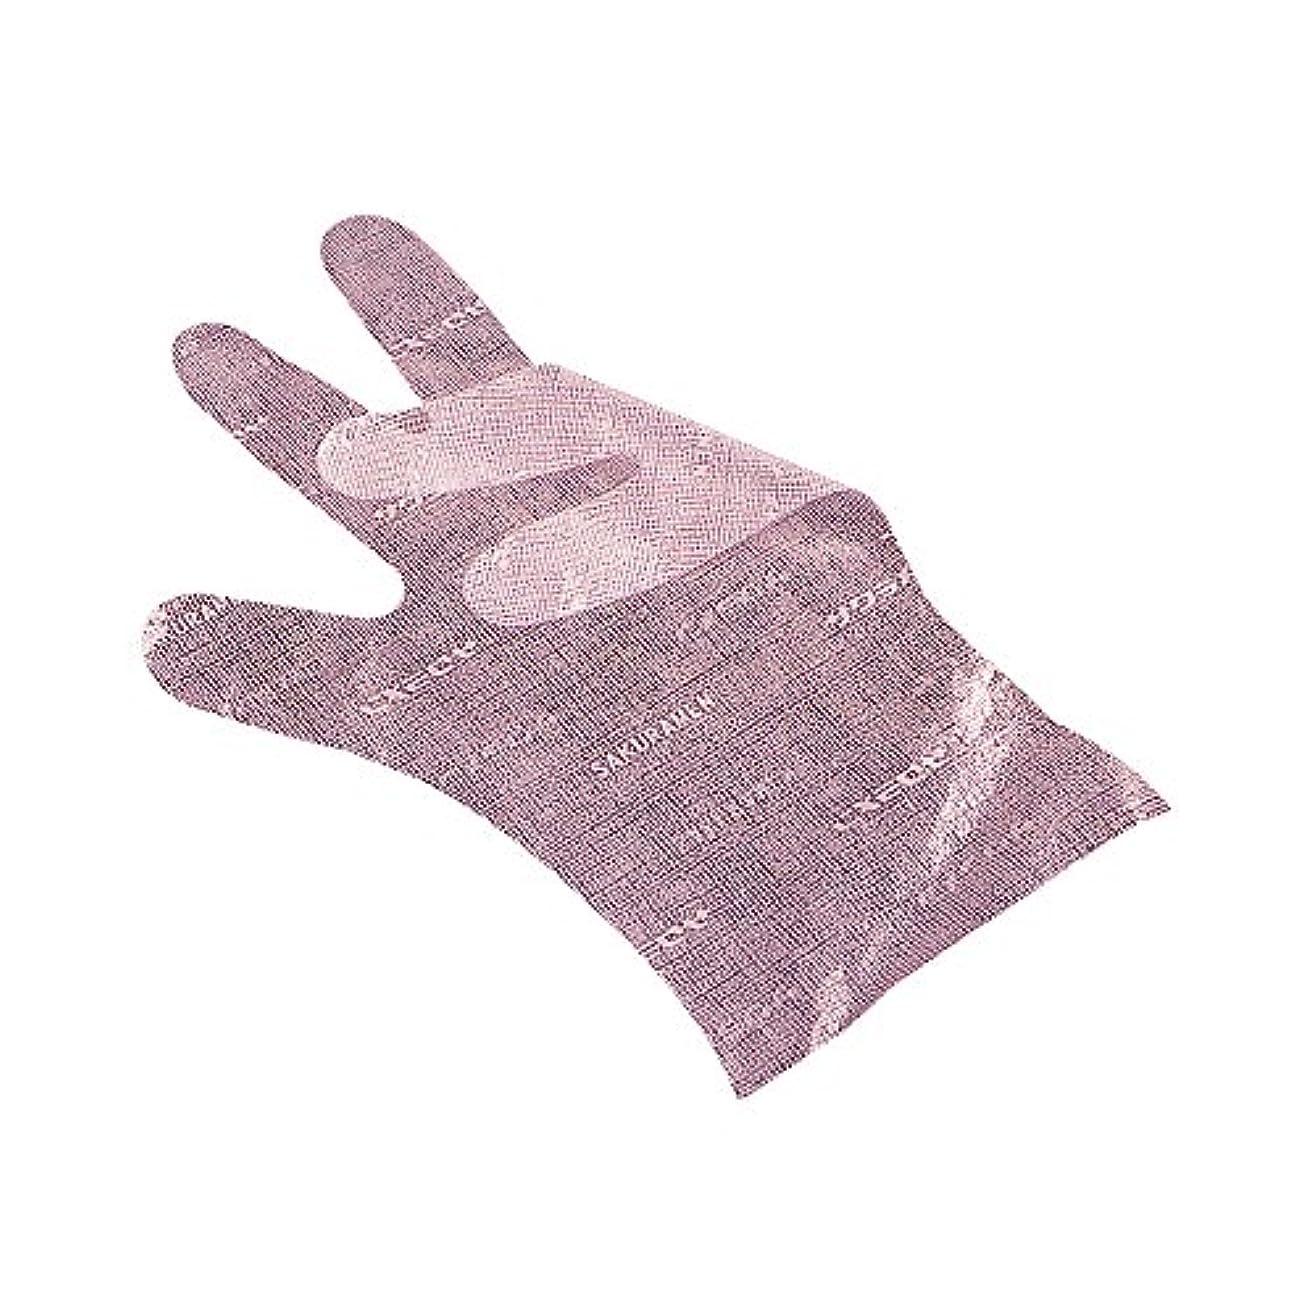 有益な電話に出るできないサクラメンエンボス手袋 デラックス ピンク M 100枚入